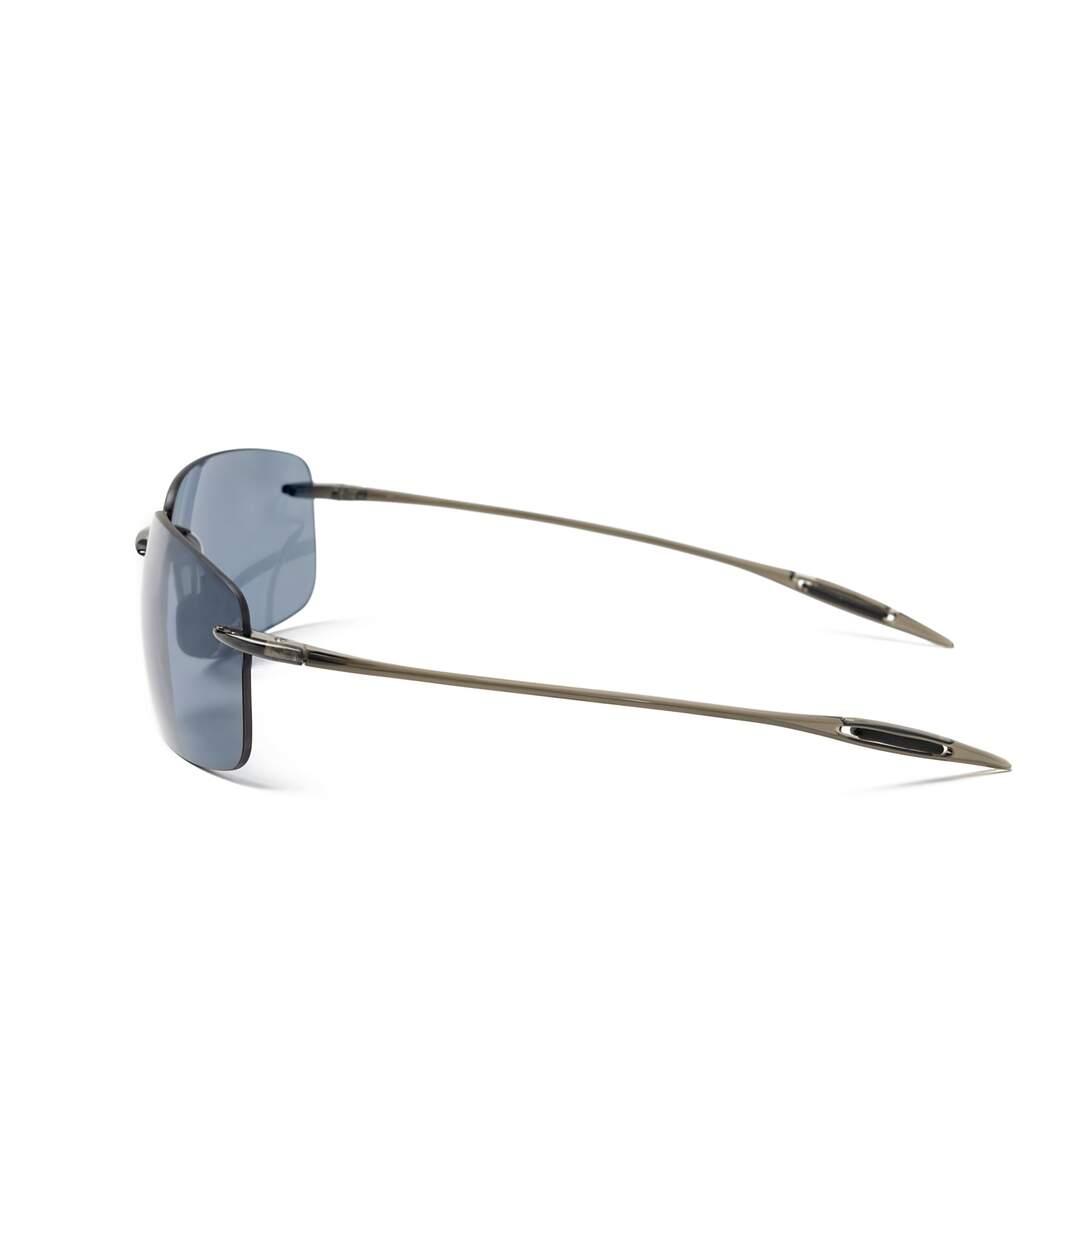 Dégagement Ocean Sunglasses Lunettes de soleil Kingston Mixte dsf.d455nksdKLFHG